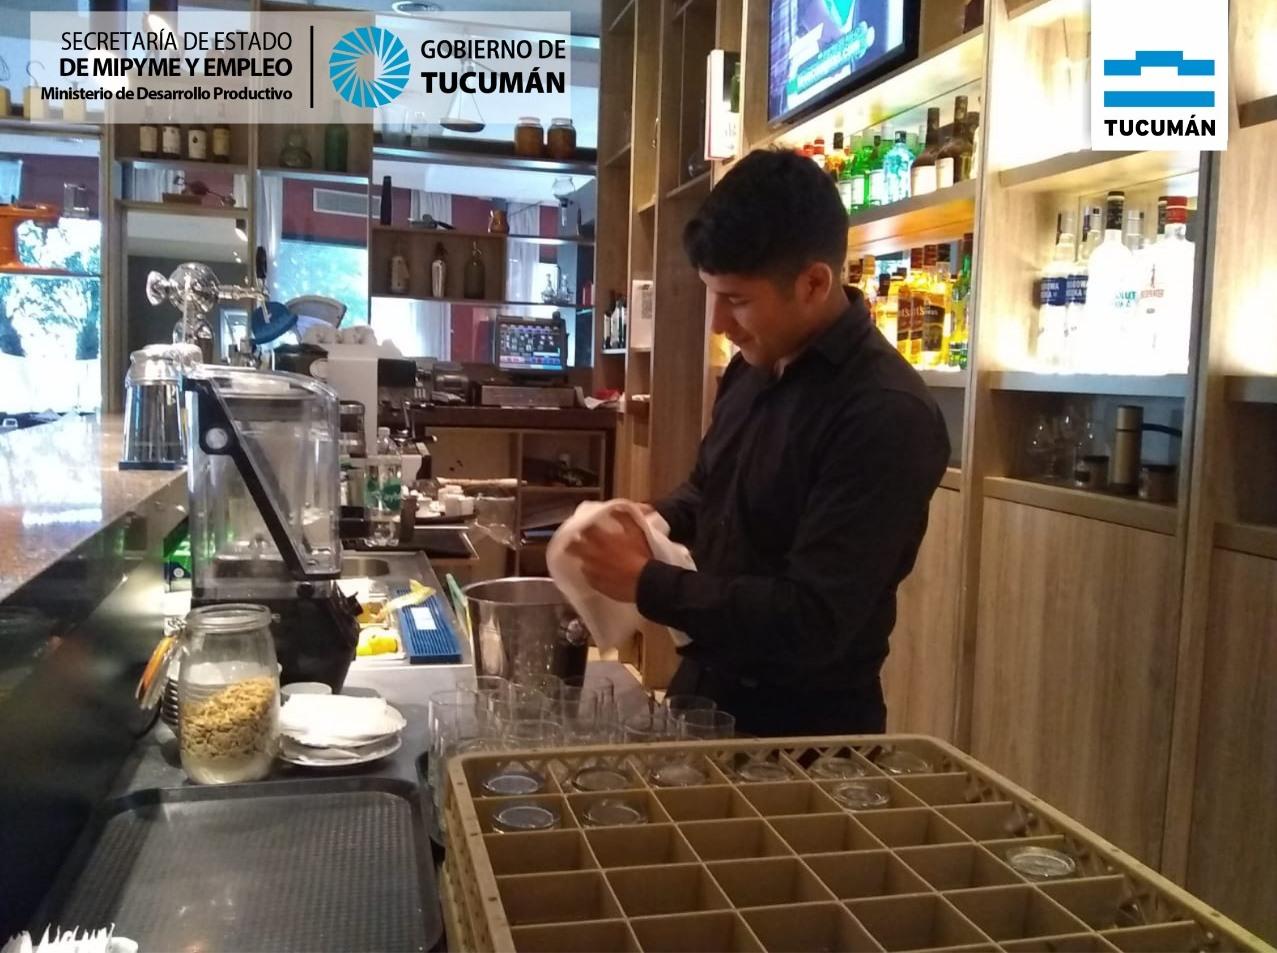 Importante Hotel de Tucumán incorpora Intermediación Laboral